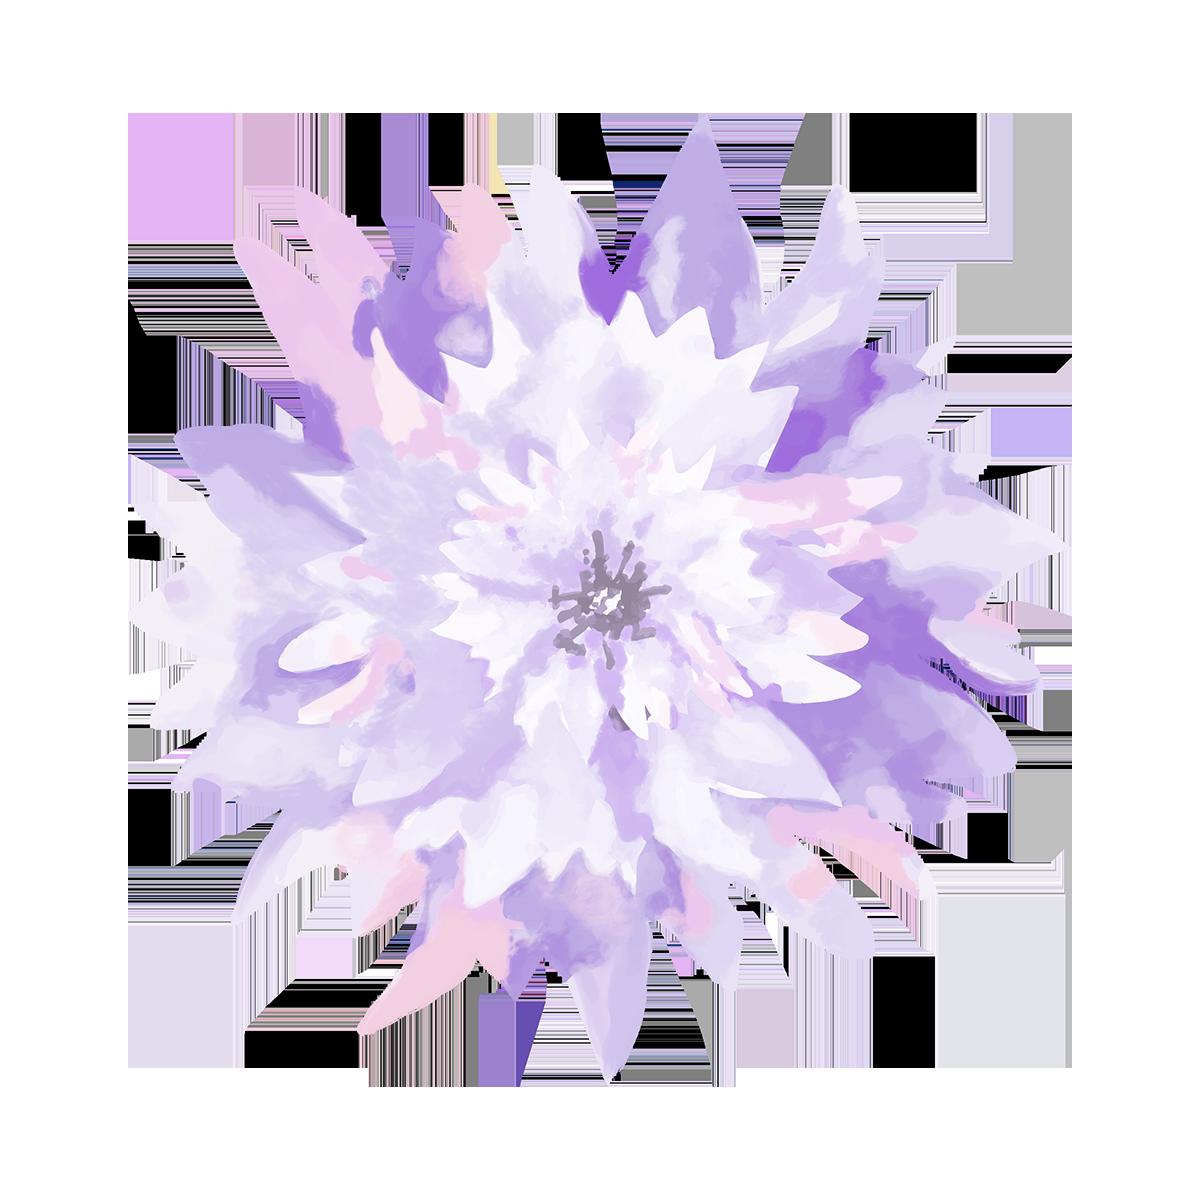 elementos branca de neve cute 21